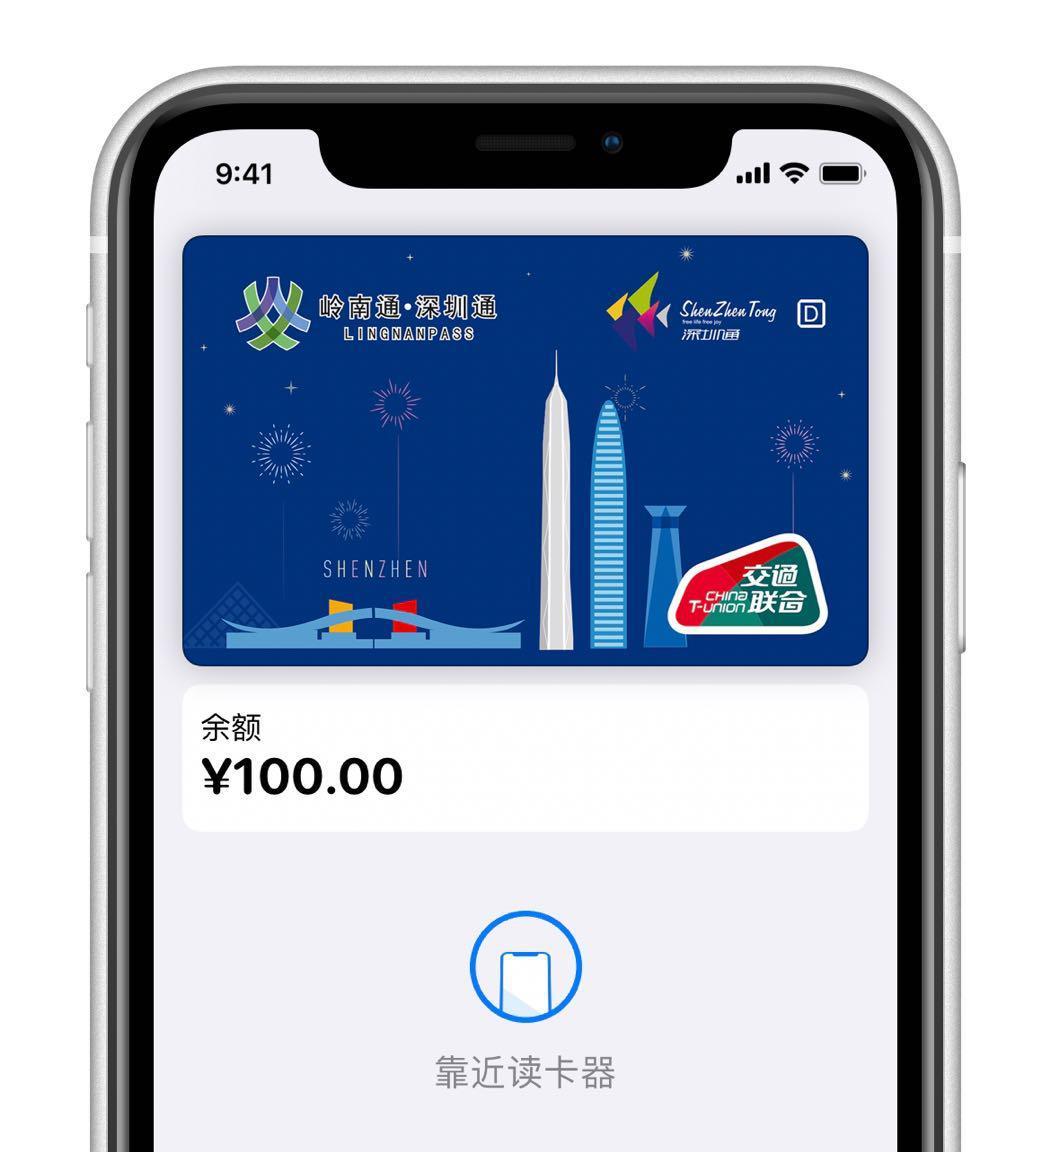 Apple Pay最实用功能解禁,靠它才能打赢微信支付宝?